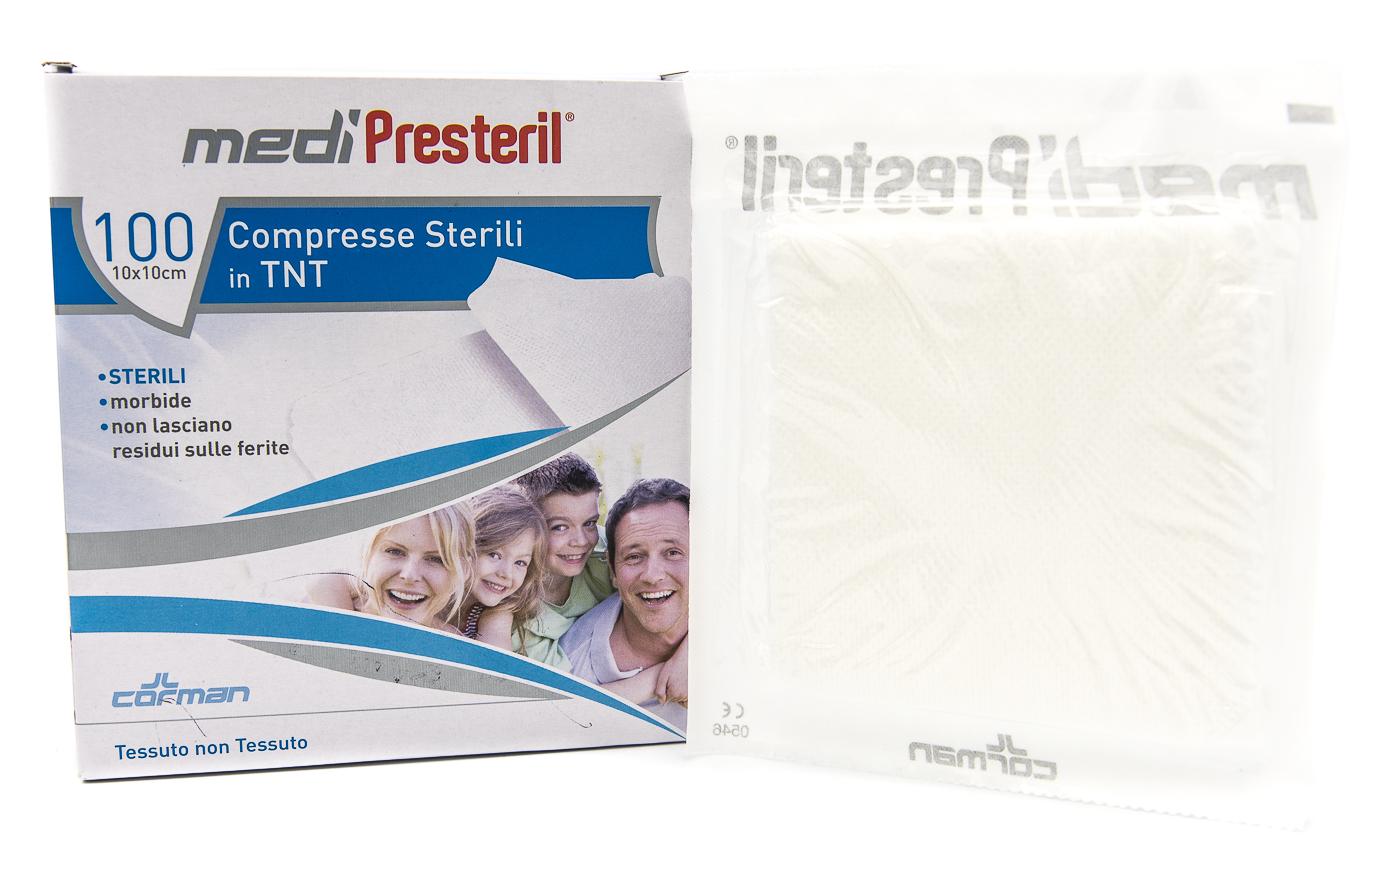 CORMAN SpA Medipresteril Compresse Sterili In Tnt 10x10cm 100pz